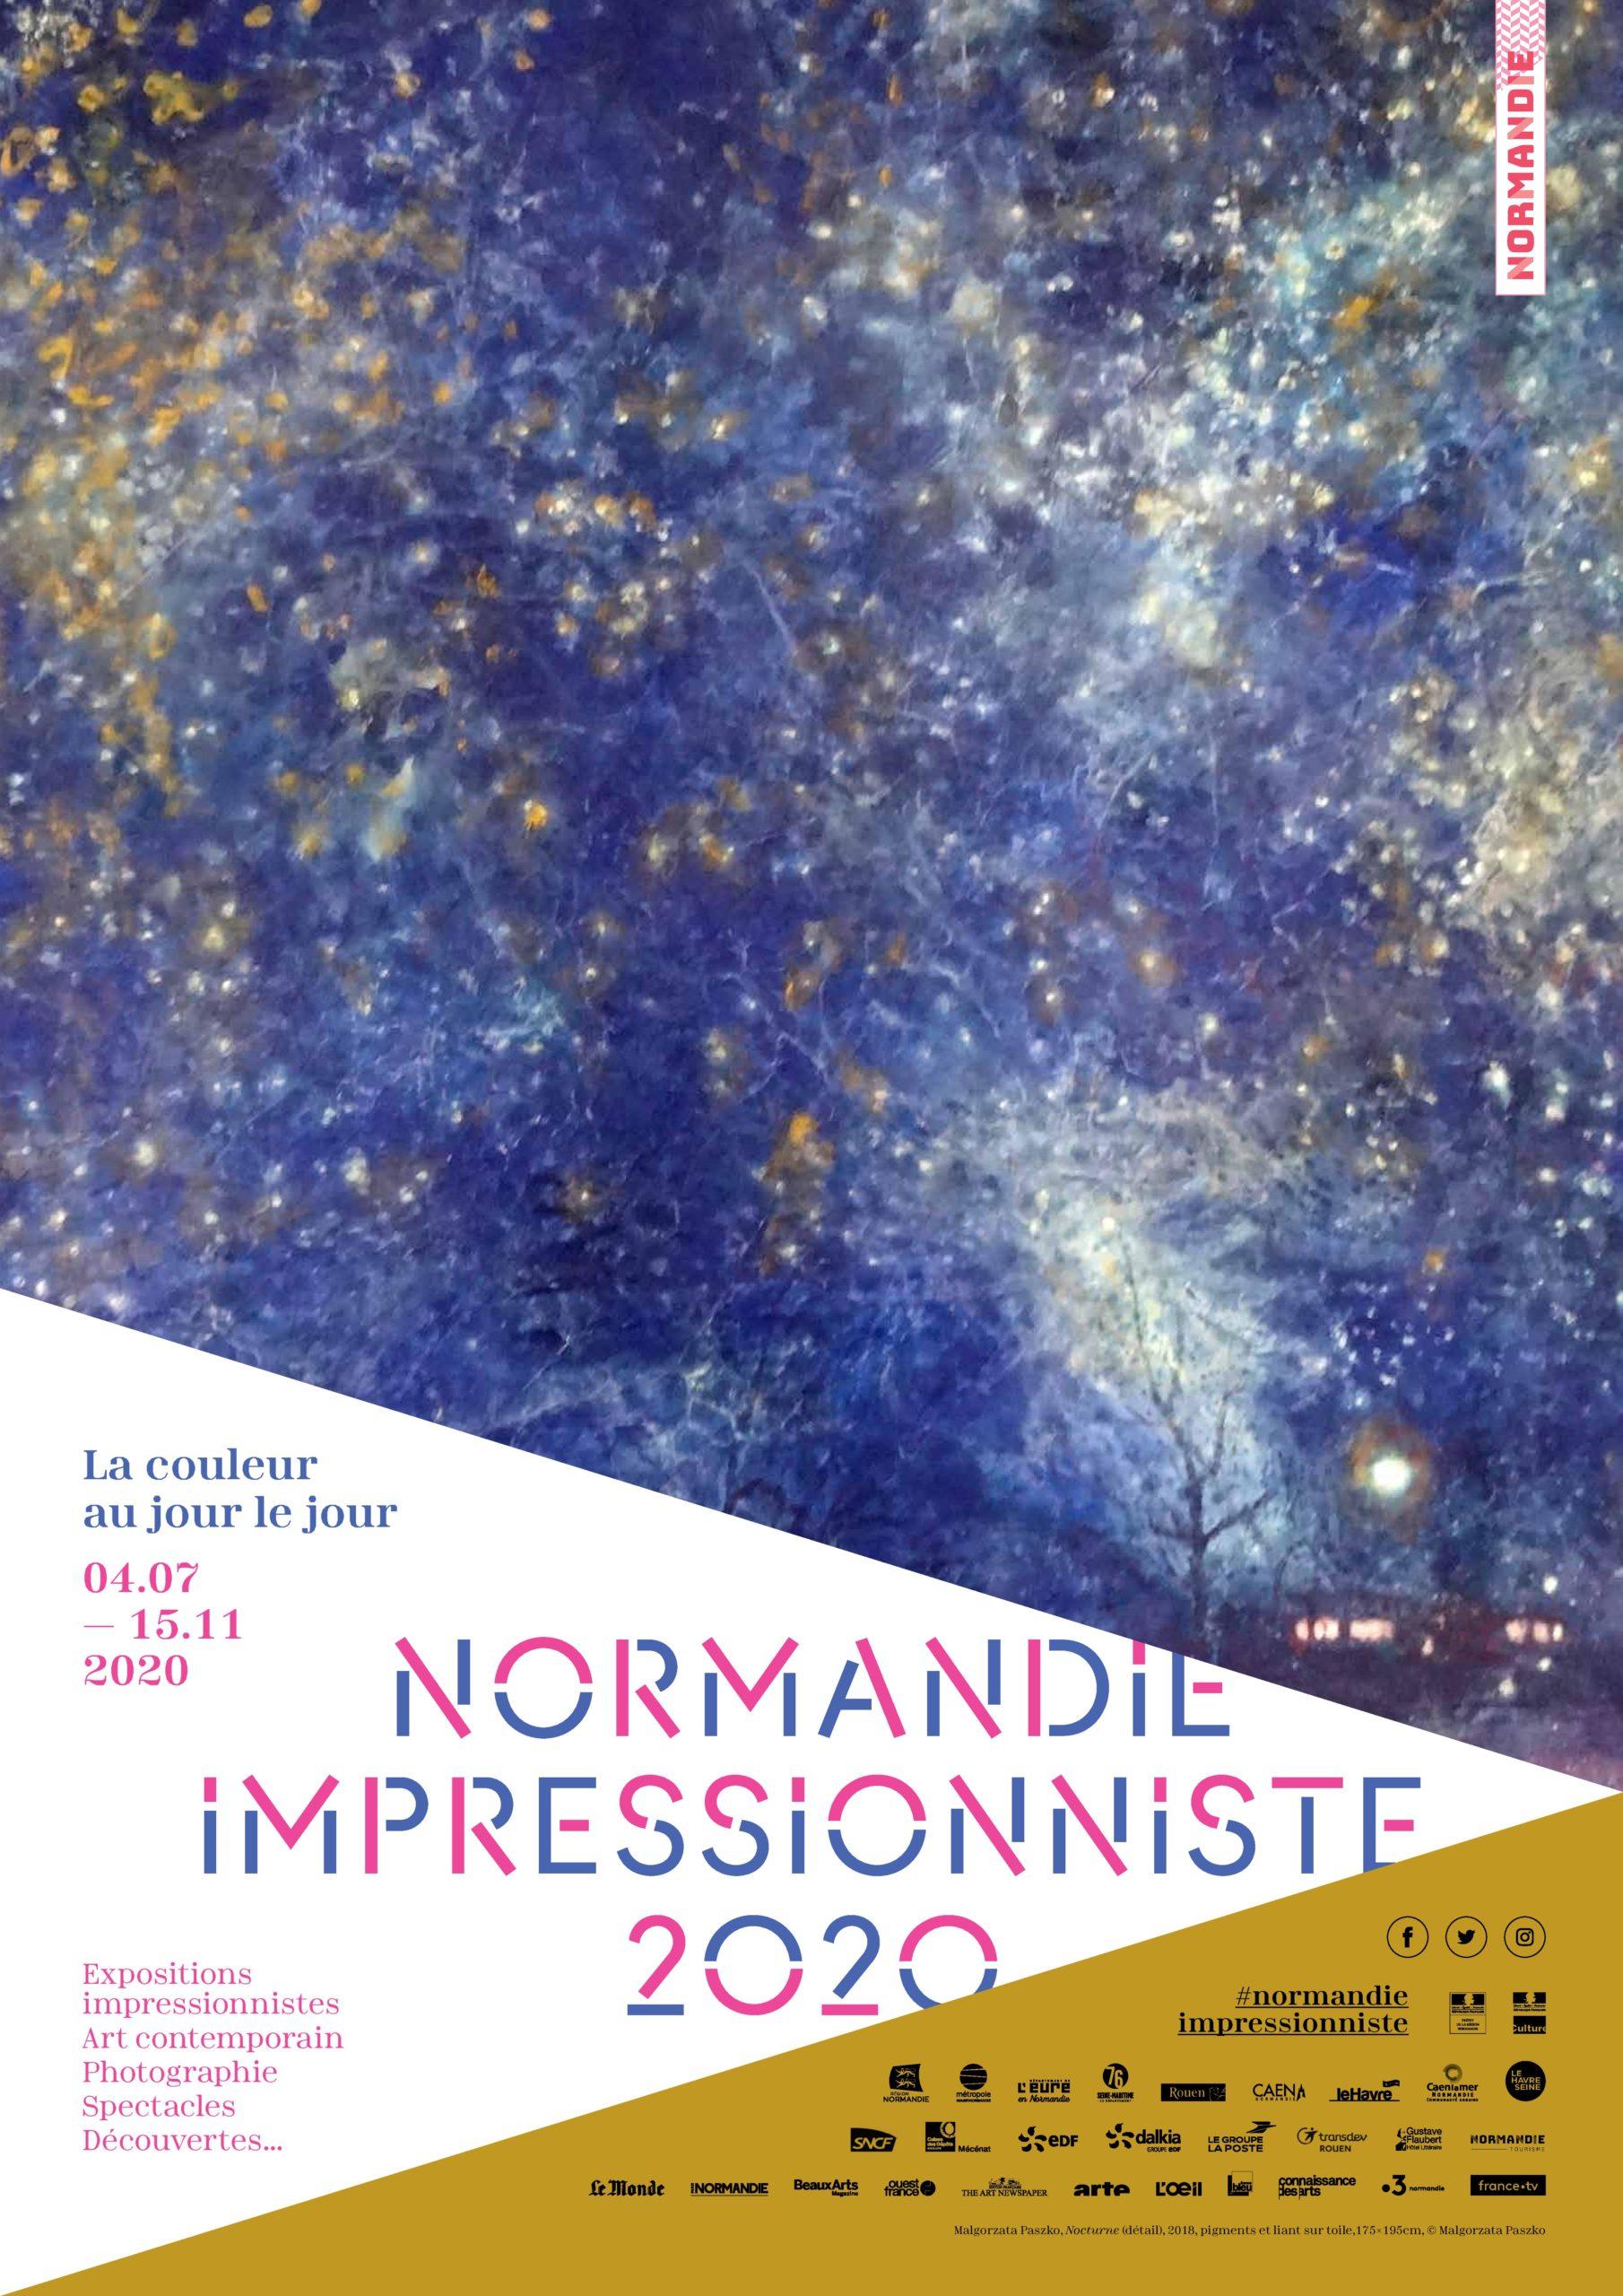 La Normandie célèbre l'impressionnisme